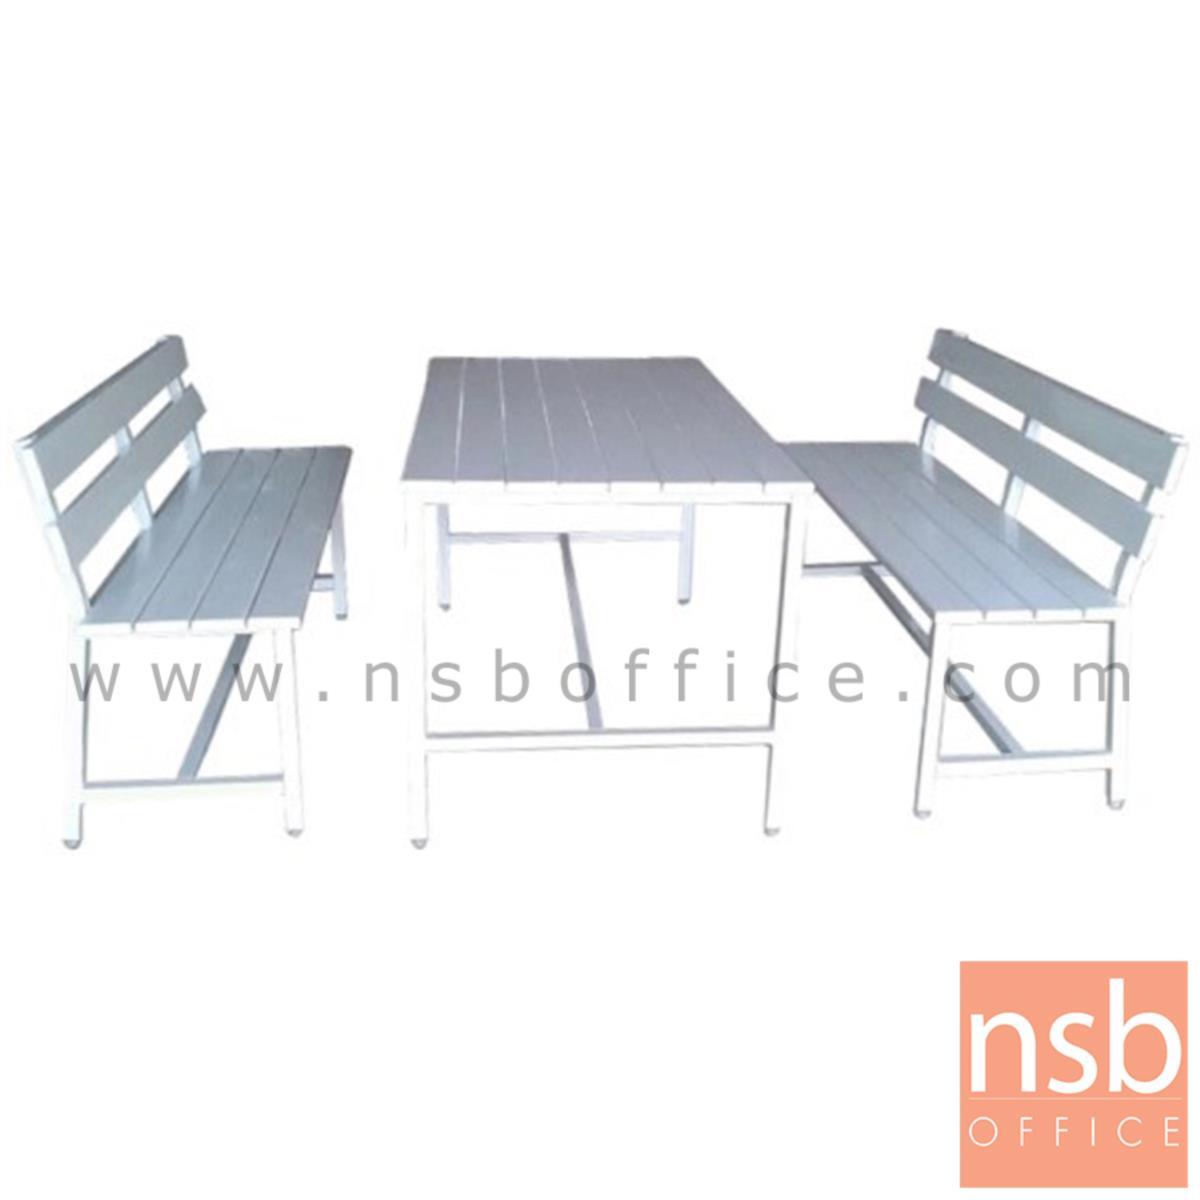 A17A074:โต๊ะโรงอาหารไม้พ่นสีขาว รุ่น NEWYORK (นิวยอร์ก) ขนาด 120W cm. ขาเหล็กเหลี่ยม